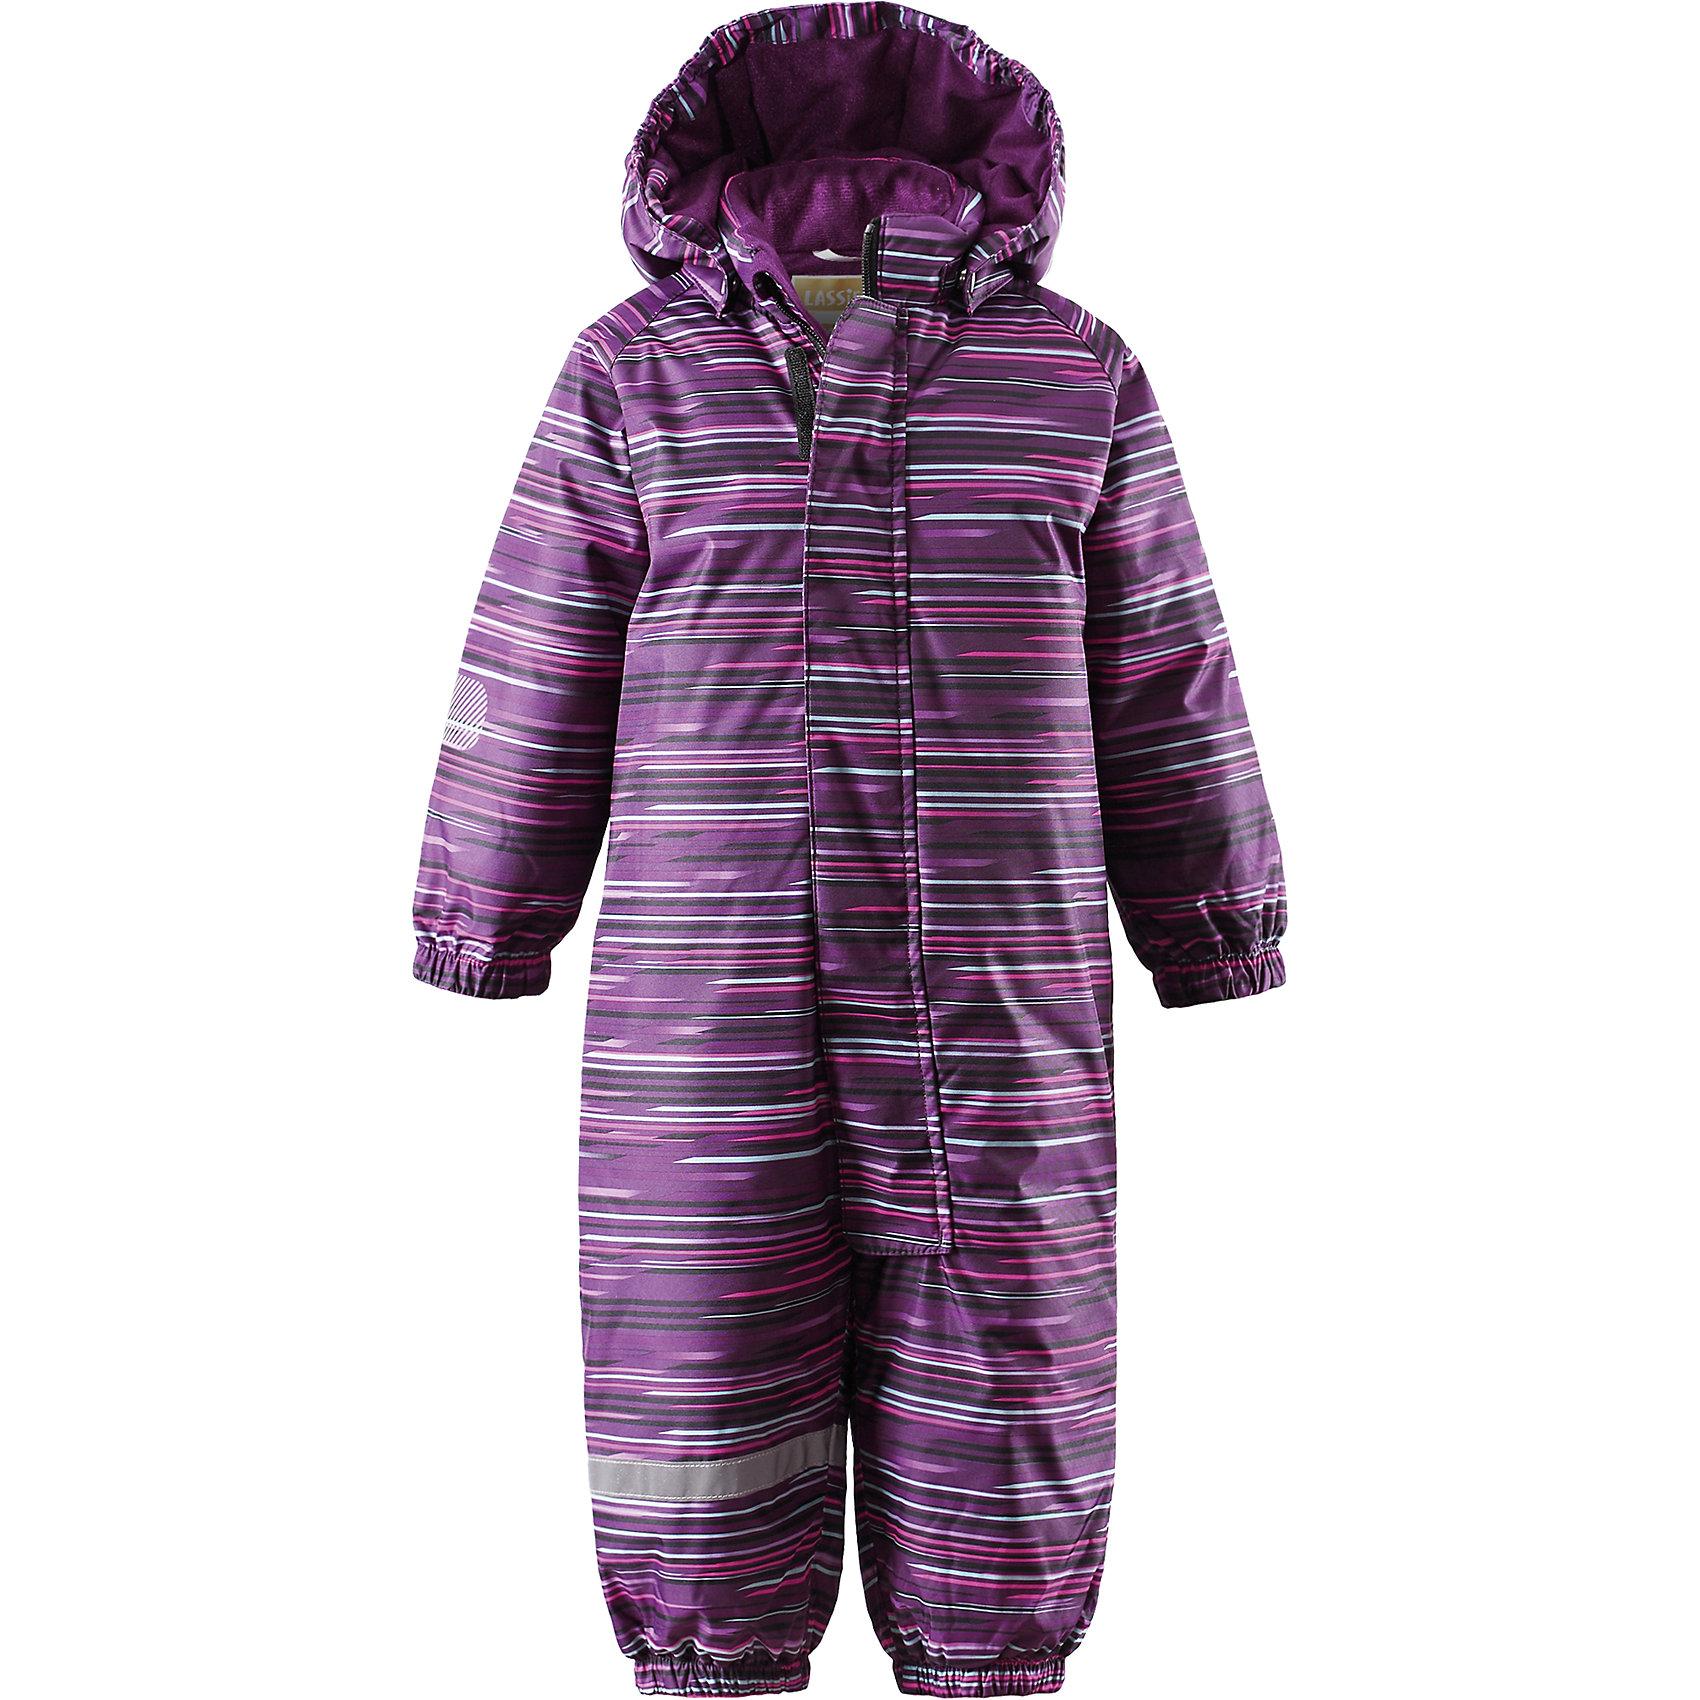 Комбинезон для девочки LASSIEВерхняя одежда<br>Зимний комбинезон для малышей Lassietec®.<br><br>- Водо- и ветронепроницаемый, «дышащий» и грязеотталкивающий материал.<br>- Внешние швы проклеены. Гладкая подкладка из полиэстра.<br>- Средняя степень утепления.<br>- Безопасный, съемный капюшон. Эластичные манжеты. <br>- Эластичные штанины. Съемные эластичные штрипки. <br>- Длинная молния для легкого одевания.<br>-  Принт по всей поверхности.<br><br>Рекомендации по уходу: Стирать по отдельности, вывернув наизнанку. Перед стиркой отстегните искусственный мех. Застегнуть молнии и липучки. Соблюдать температуру в соответствии с руководством по уходу. Стирать моющим средством, не содержащим отбеливающие вещества. Полоскать без специального средства. Сушение в сушильном шкафу разрешено при  низкой температуре.<br><br>Состав: 100% Полиамид, полиуретановое покрытие.  Утеплитель «Lassie wadding» 180гр.<br><br>Ширина мм: 356<br>Глубина мм: 10<br>Высота мм: 245<br>Вес г: 519<br>Цвет: фиолетовый<br>Возраст от месяцев: 6<br>Возраст до месяцев: 9<br>Пол: Женский<br>Возраст: Детский<br>Размер: 74,98,92,80,86<br>SKU: 4781507